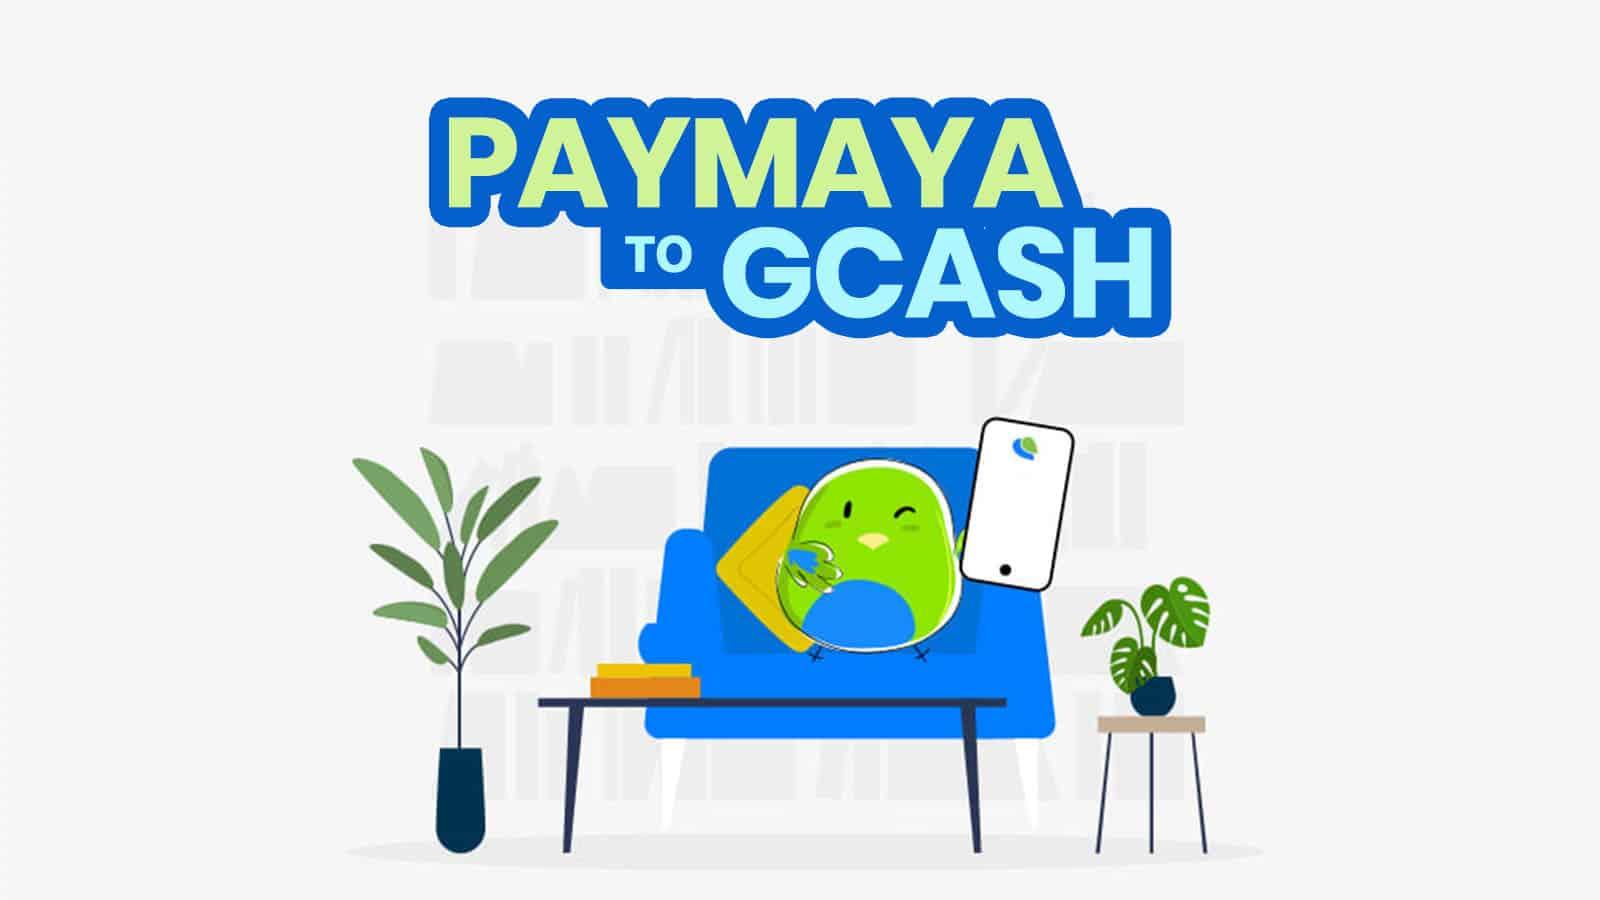 PAYMAYA TO GCASH: How to Transfer Money or Payment Using PayMaya App